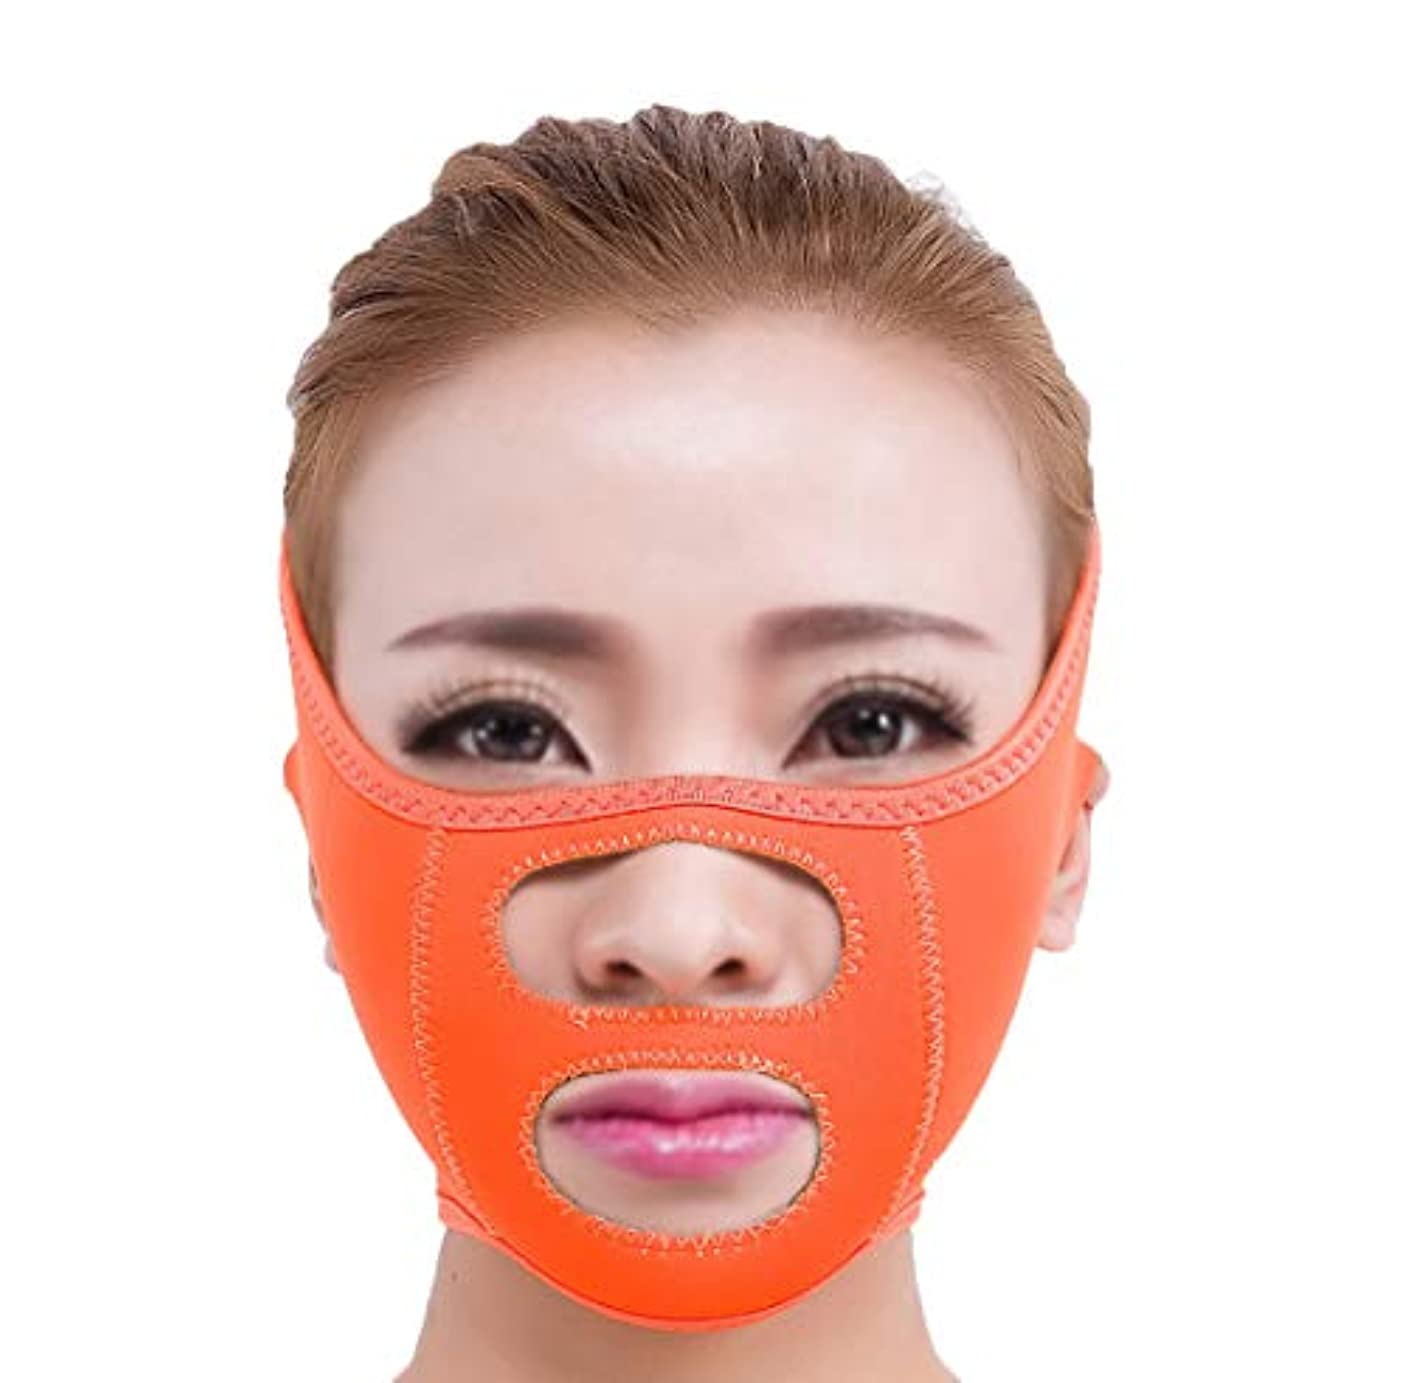 キャンバス最後にアイロニーGLJJQMY スリムベルトマスク薄い顔マスク睡眠薄い顔マスク薄い顔包帯薄い顔アーティファクト薄い顔薄い顔薄い顔小さいV顔睡眠薄い顔ベルト 顔用整形マスク (Color : Blue)